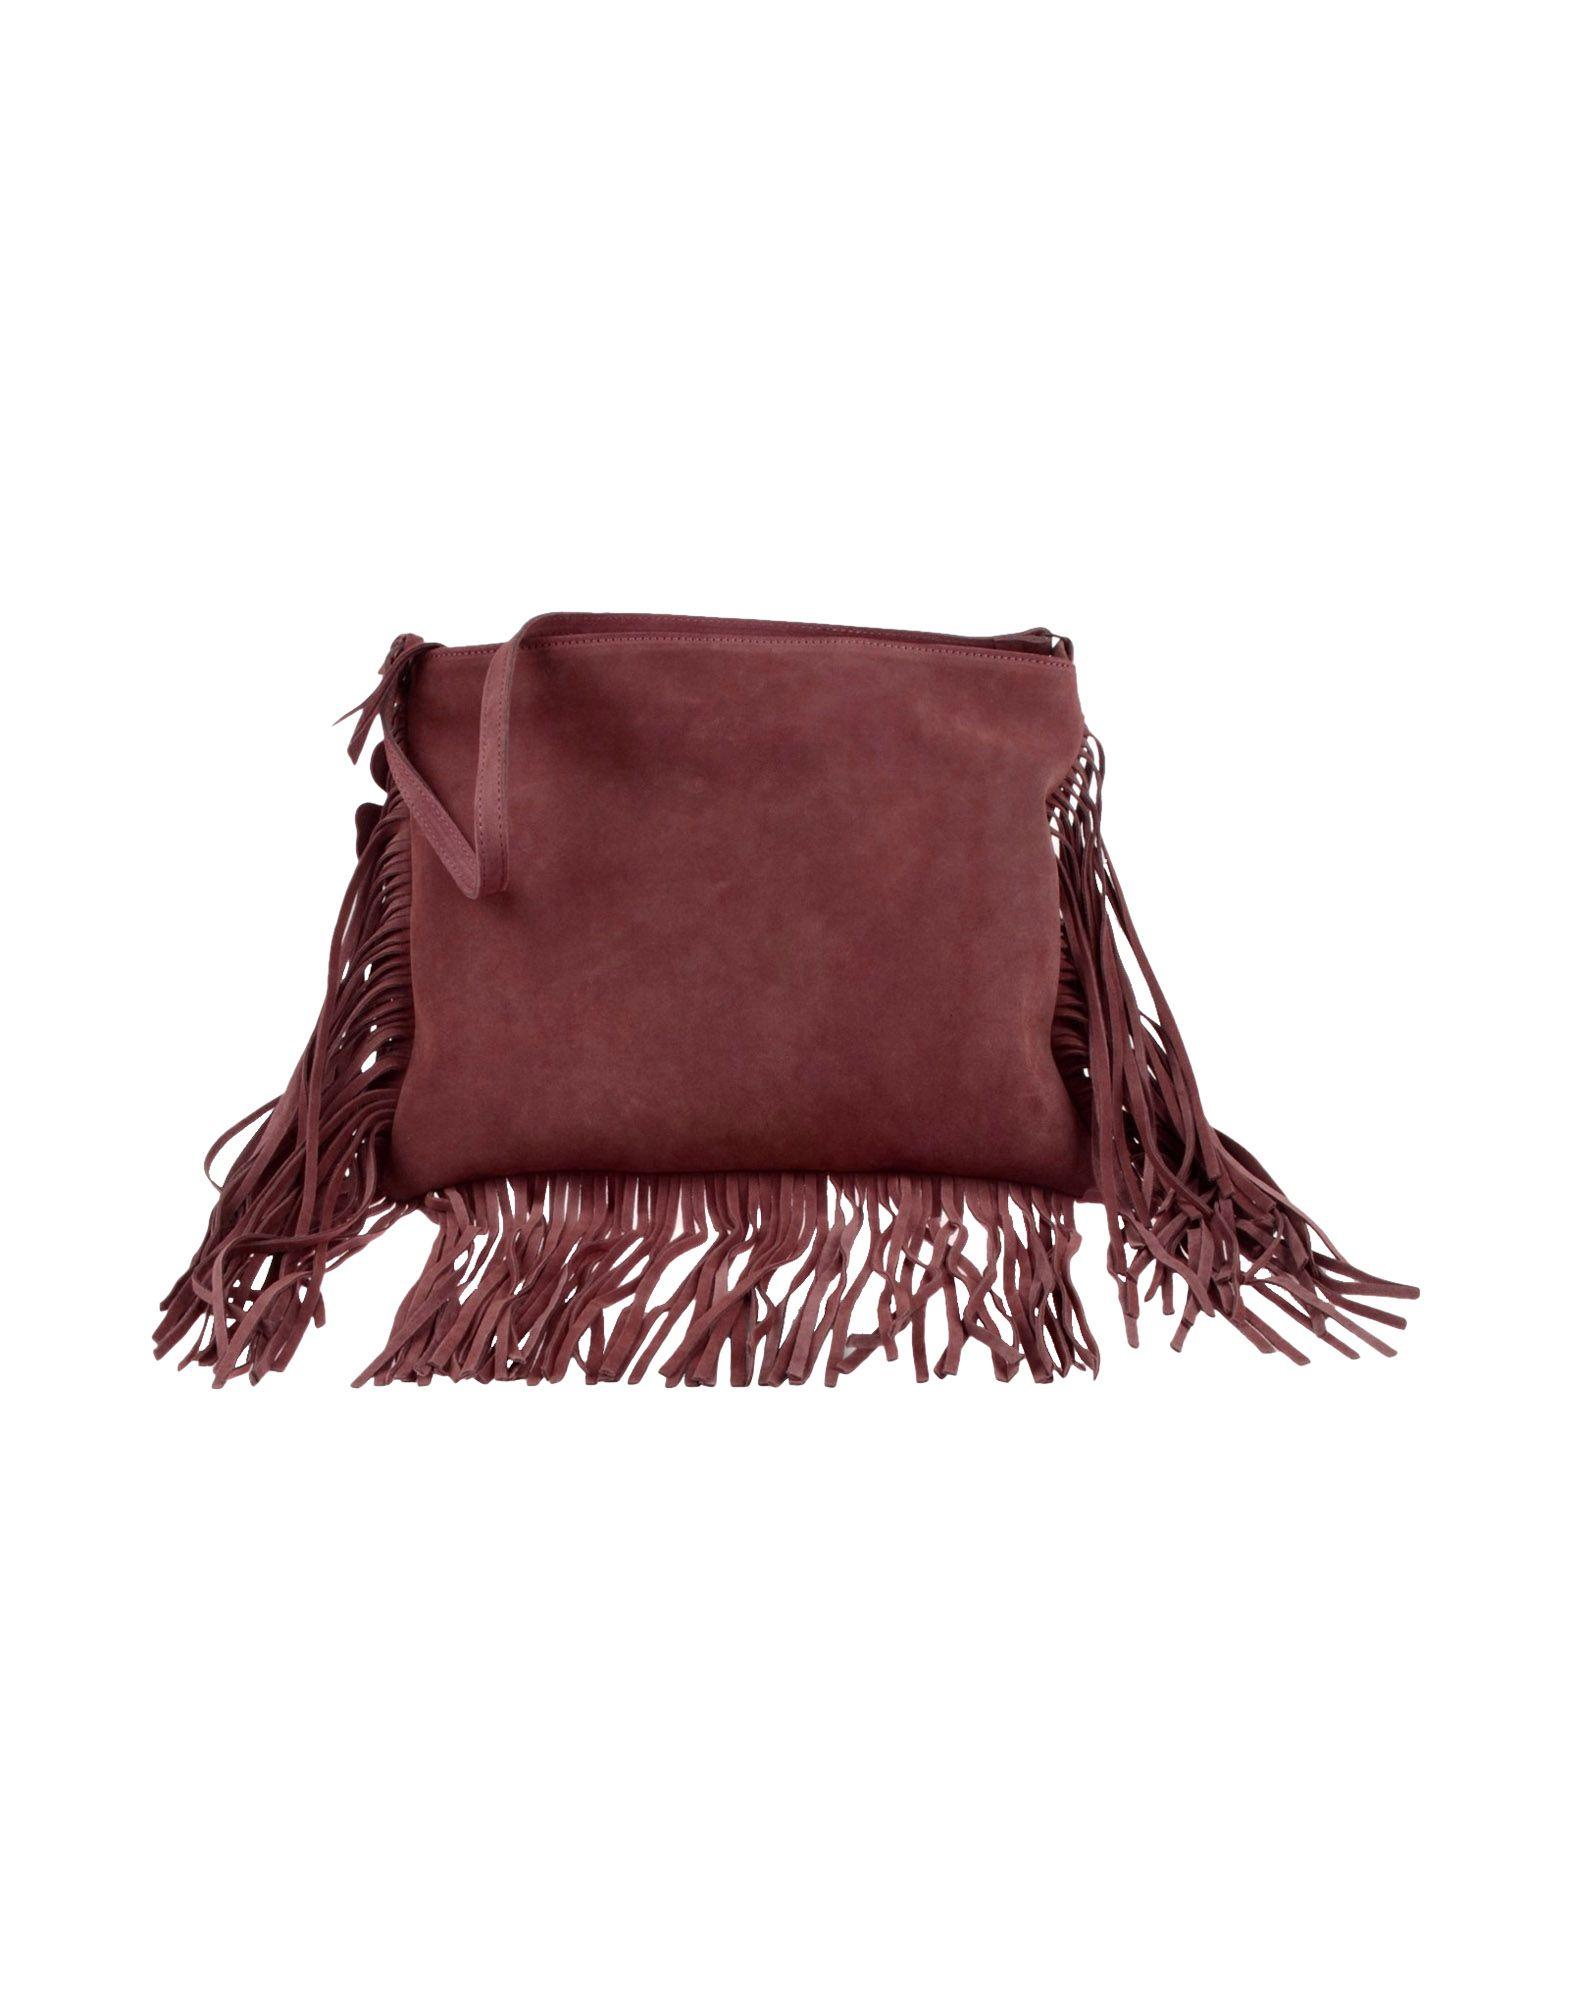 Danielapi Across-Body Bag ($310)